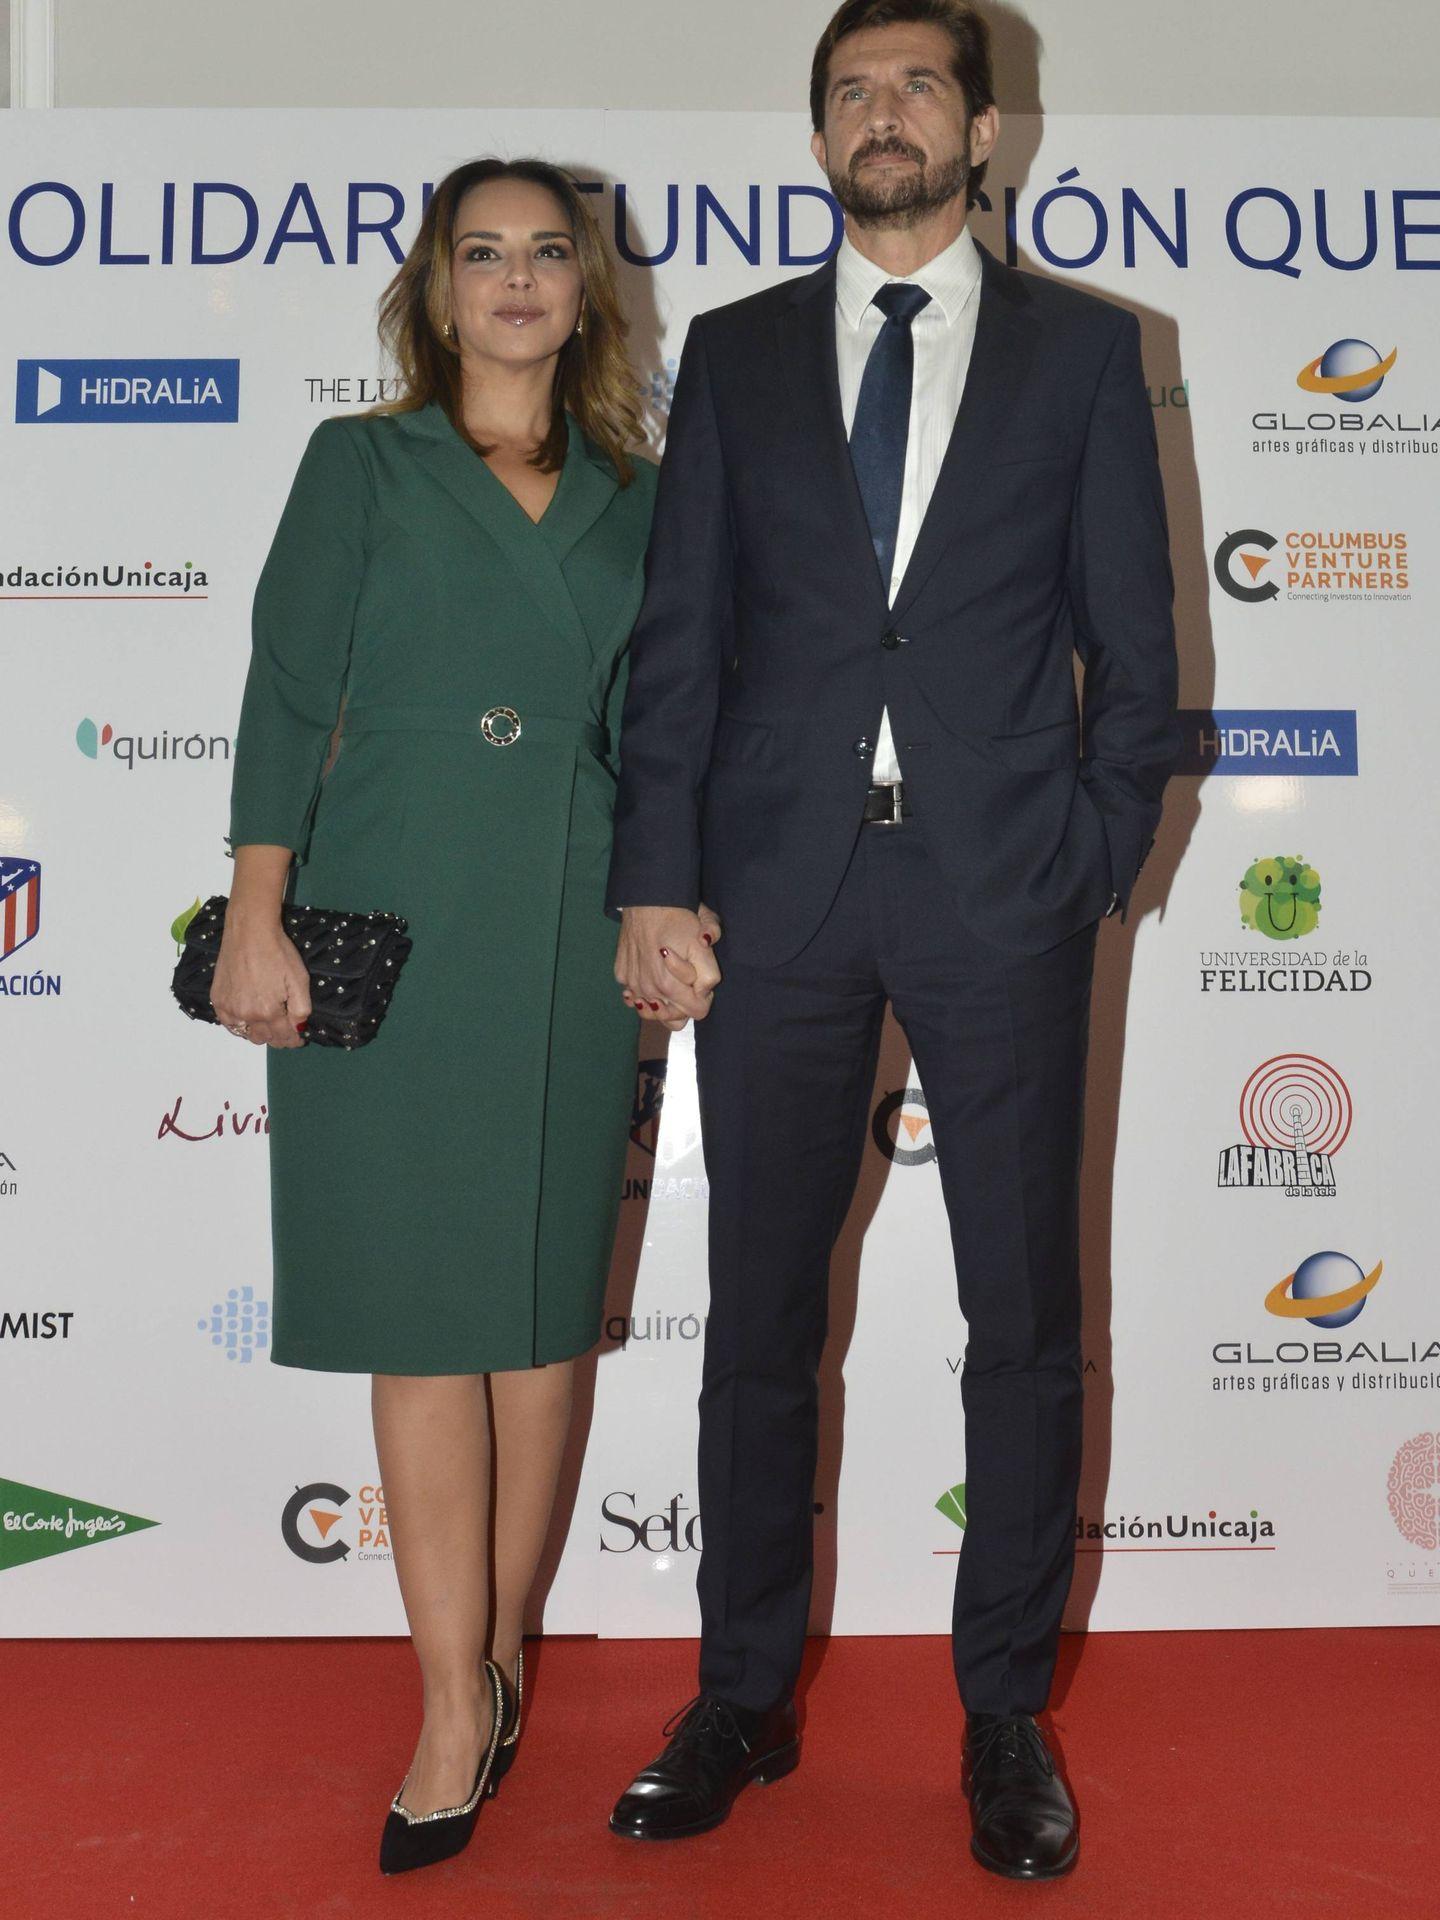 Chenoa, durante la segunda cena benéfica de la fundación Querer en el hotel Villamagna de Madrid.